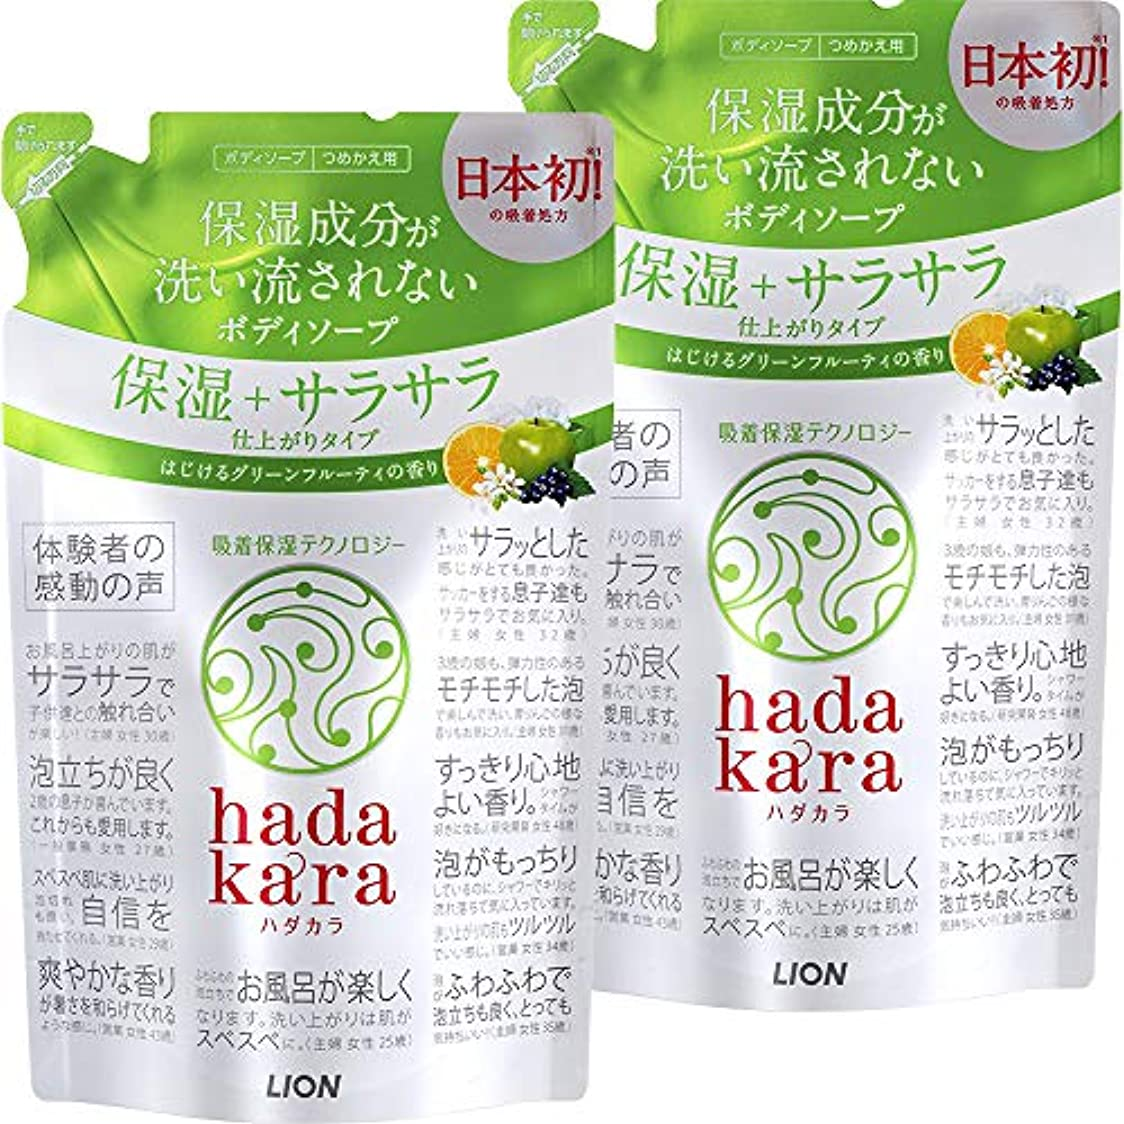 効能解明知らせる【まとめ買い】hadakara(ハダカラ) ボディソープ 保湿+サラサラ仕上がりタイプ グリーンフルーティの香り 詰め替え 340ml×2個パック